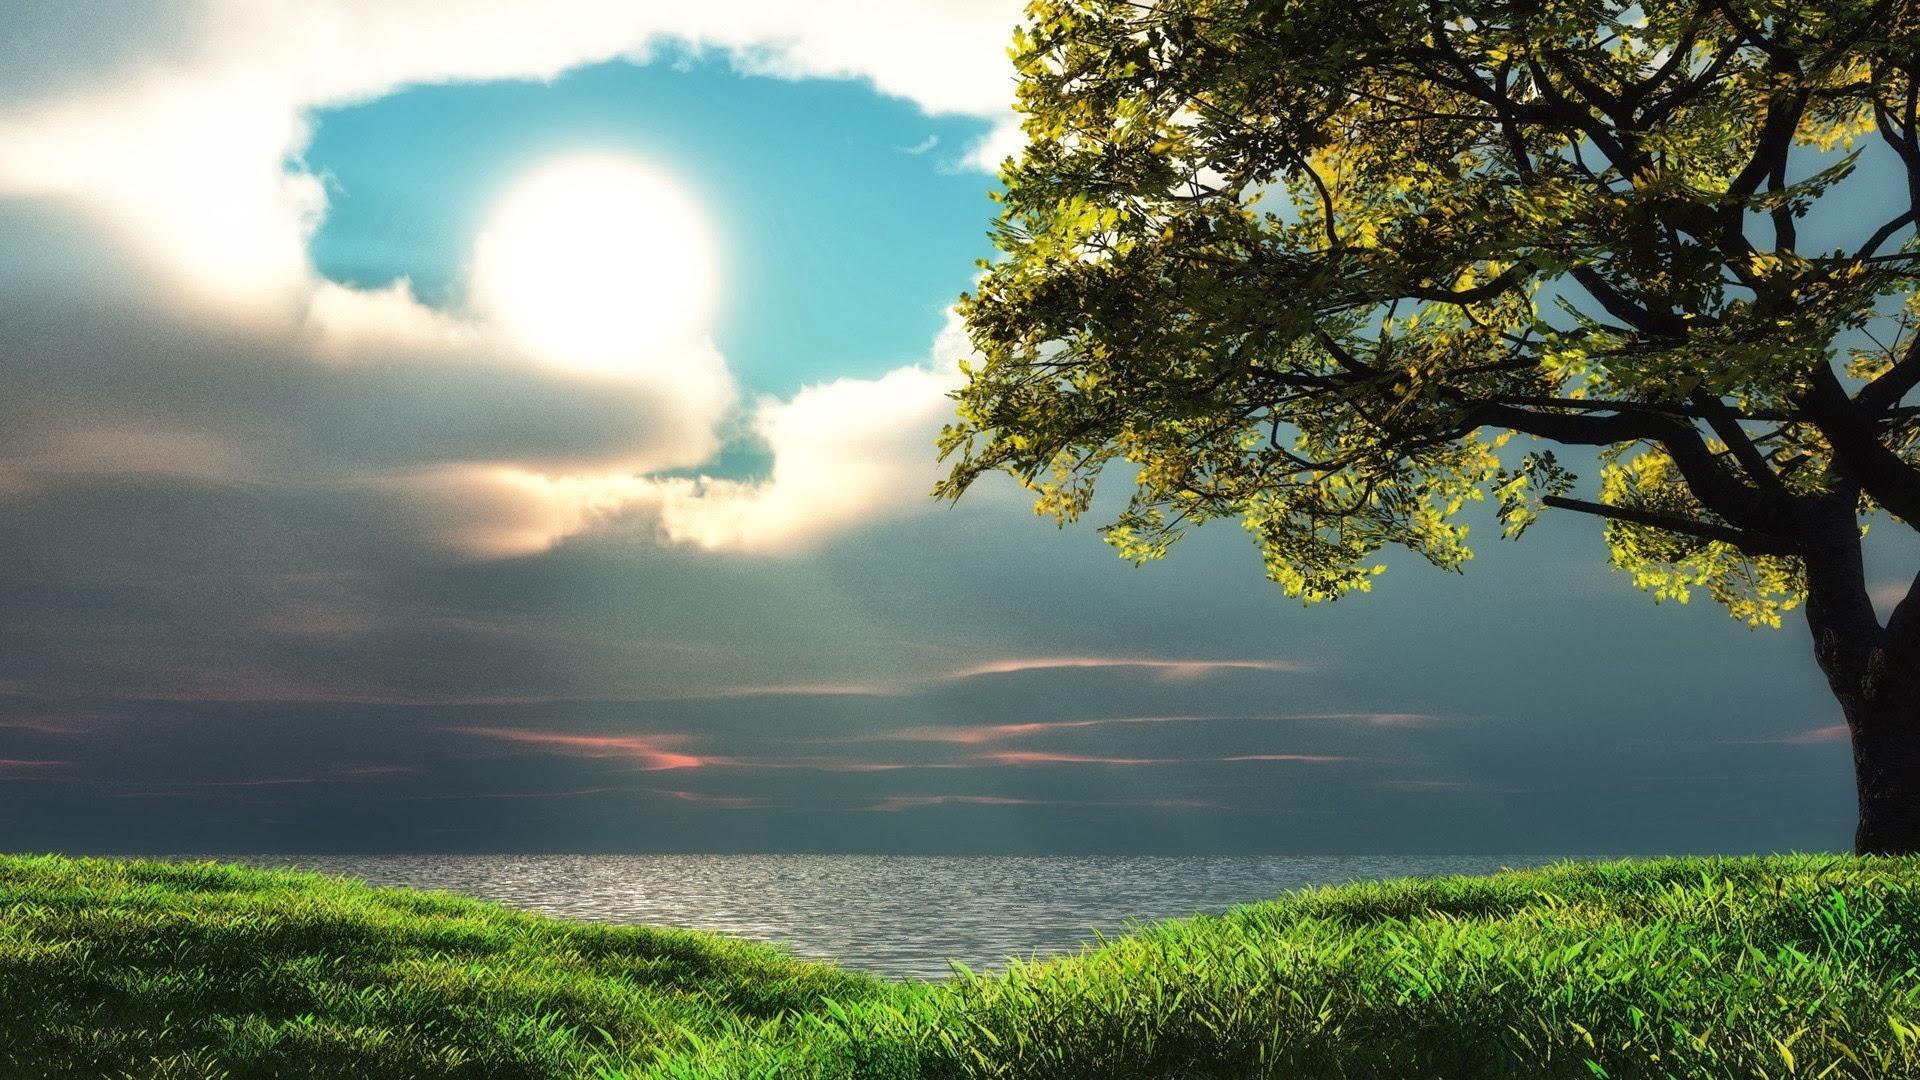 ... ảnh thiên nhiên đẹp nhất thế giới ảnh thiên nhiên đẹp chất lượng cao ảnh thiên nhiên buồn - Download free Nature wallpapers, pictures, ...